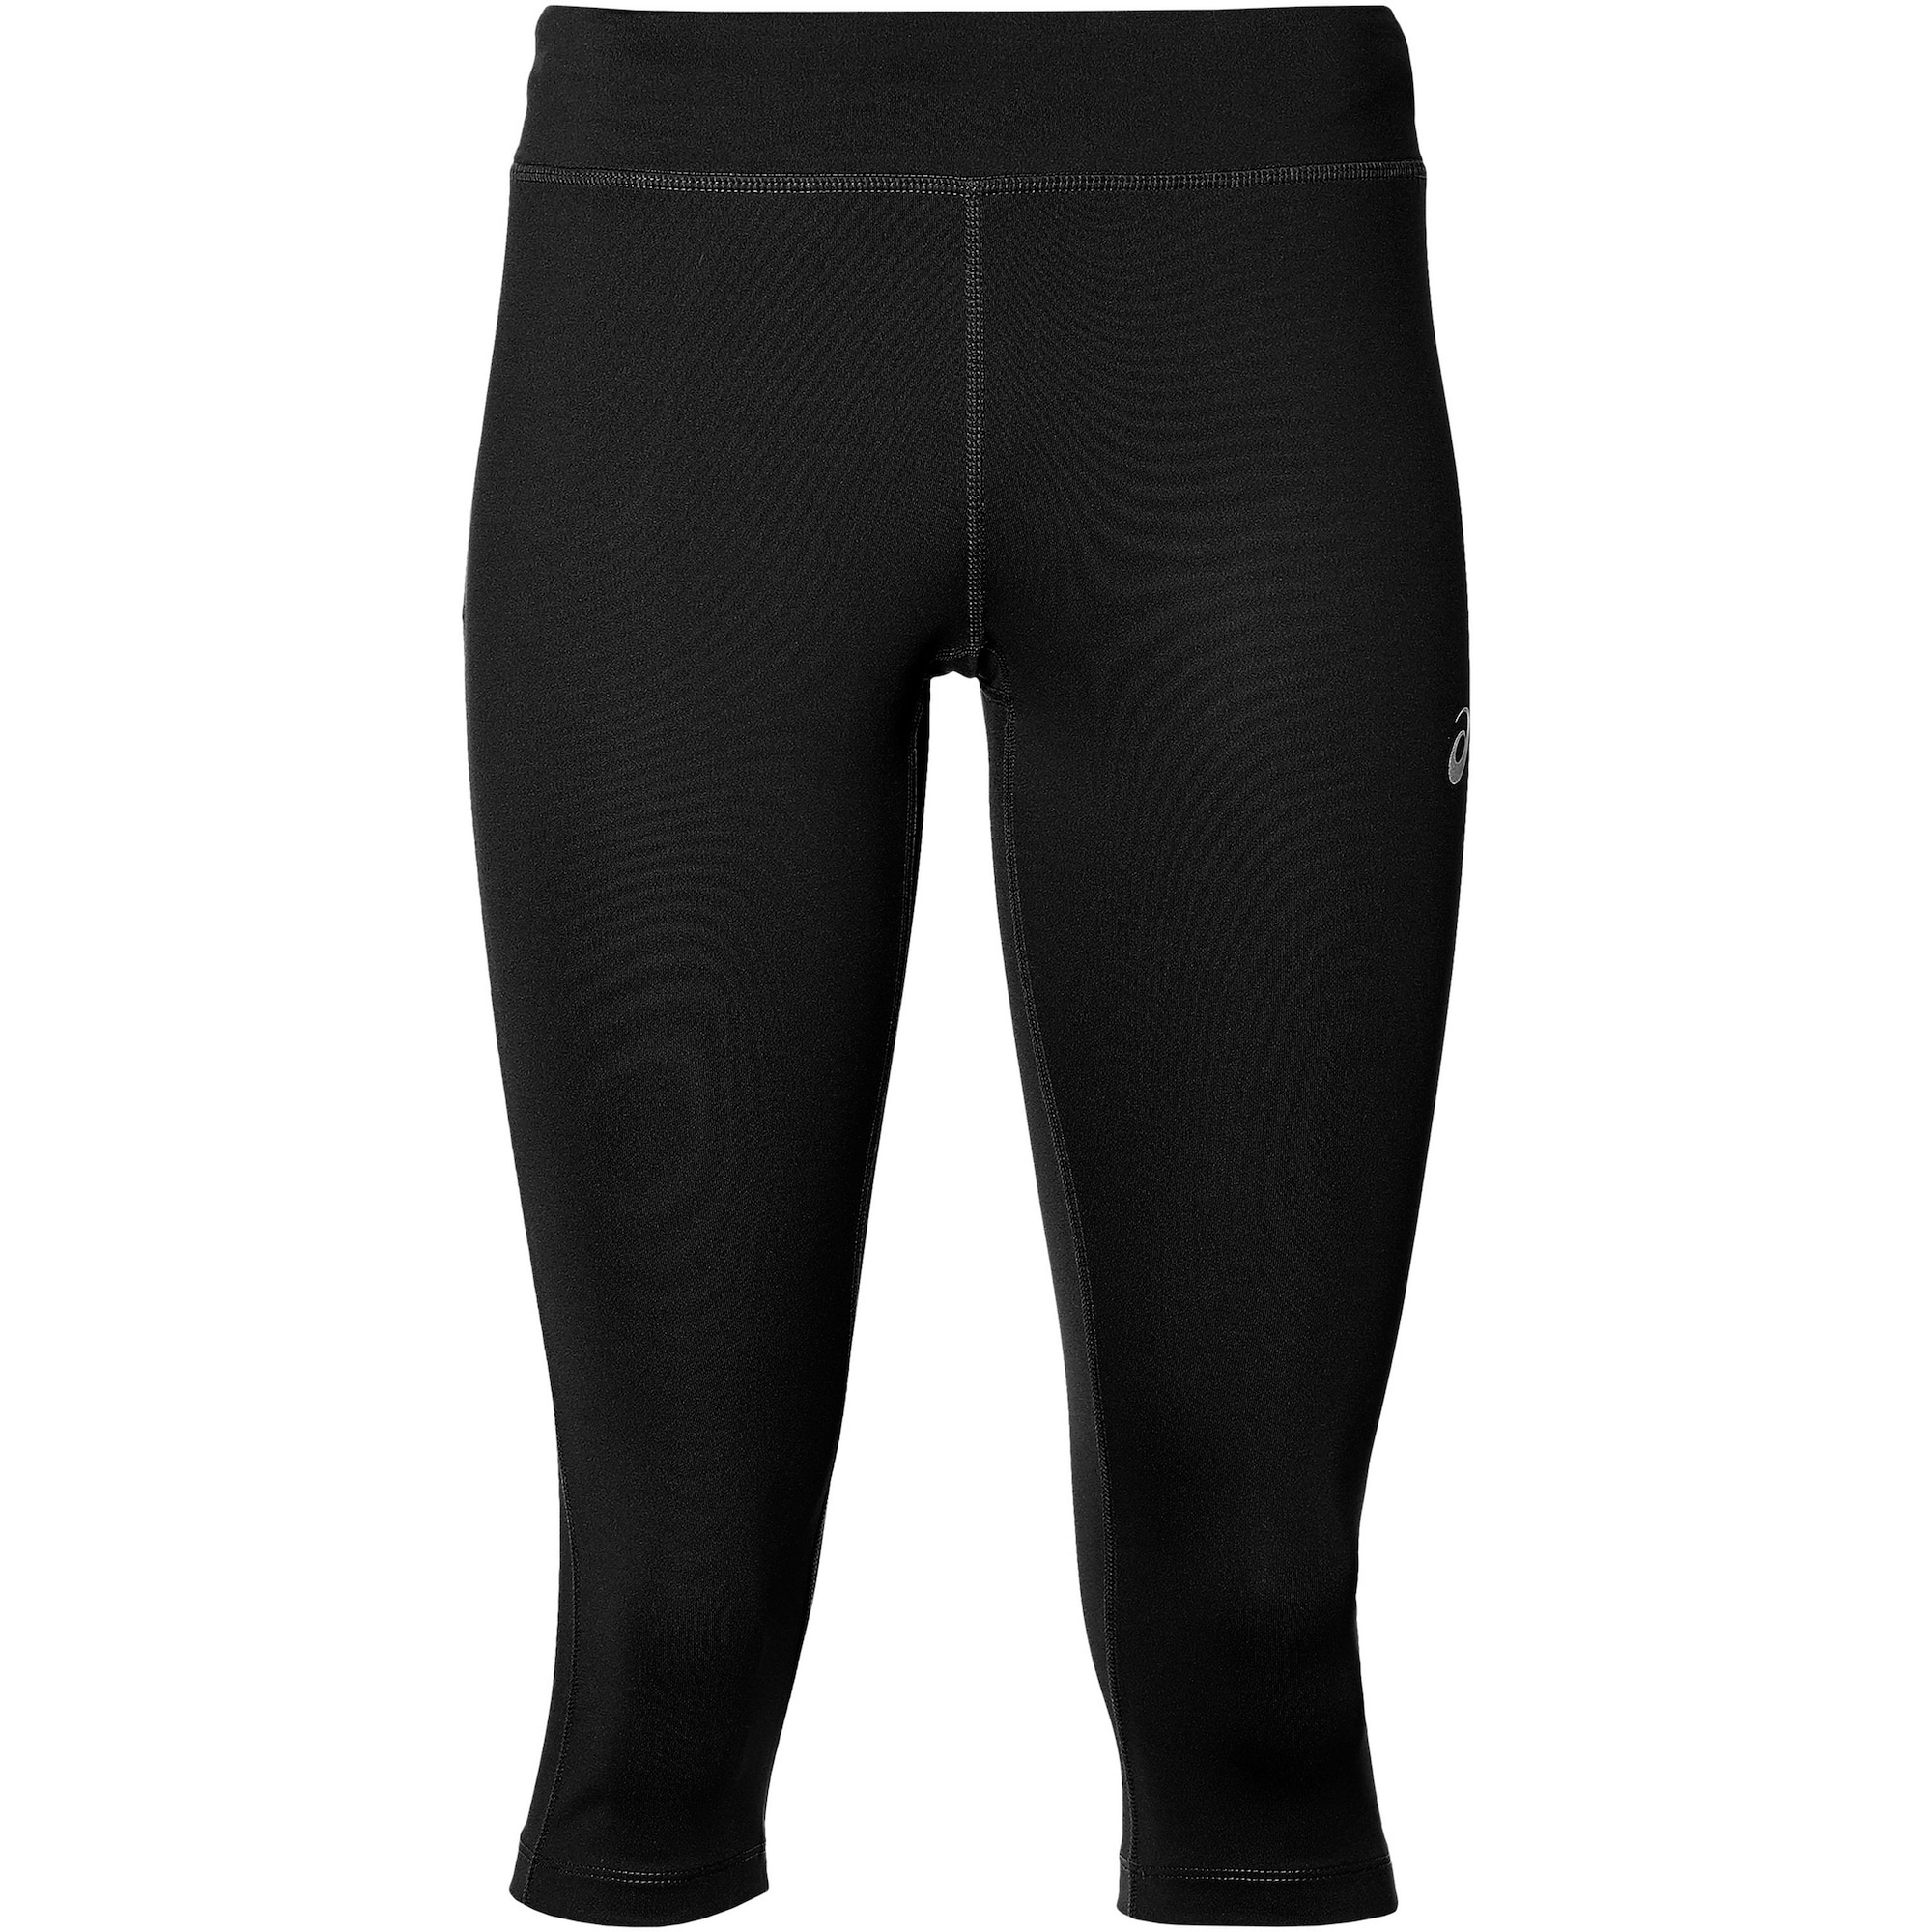 ASICS Sportinės kelnės